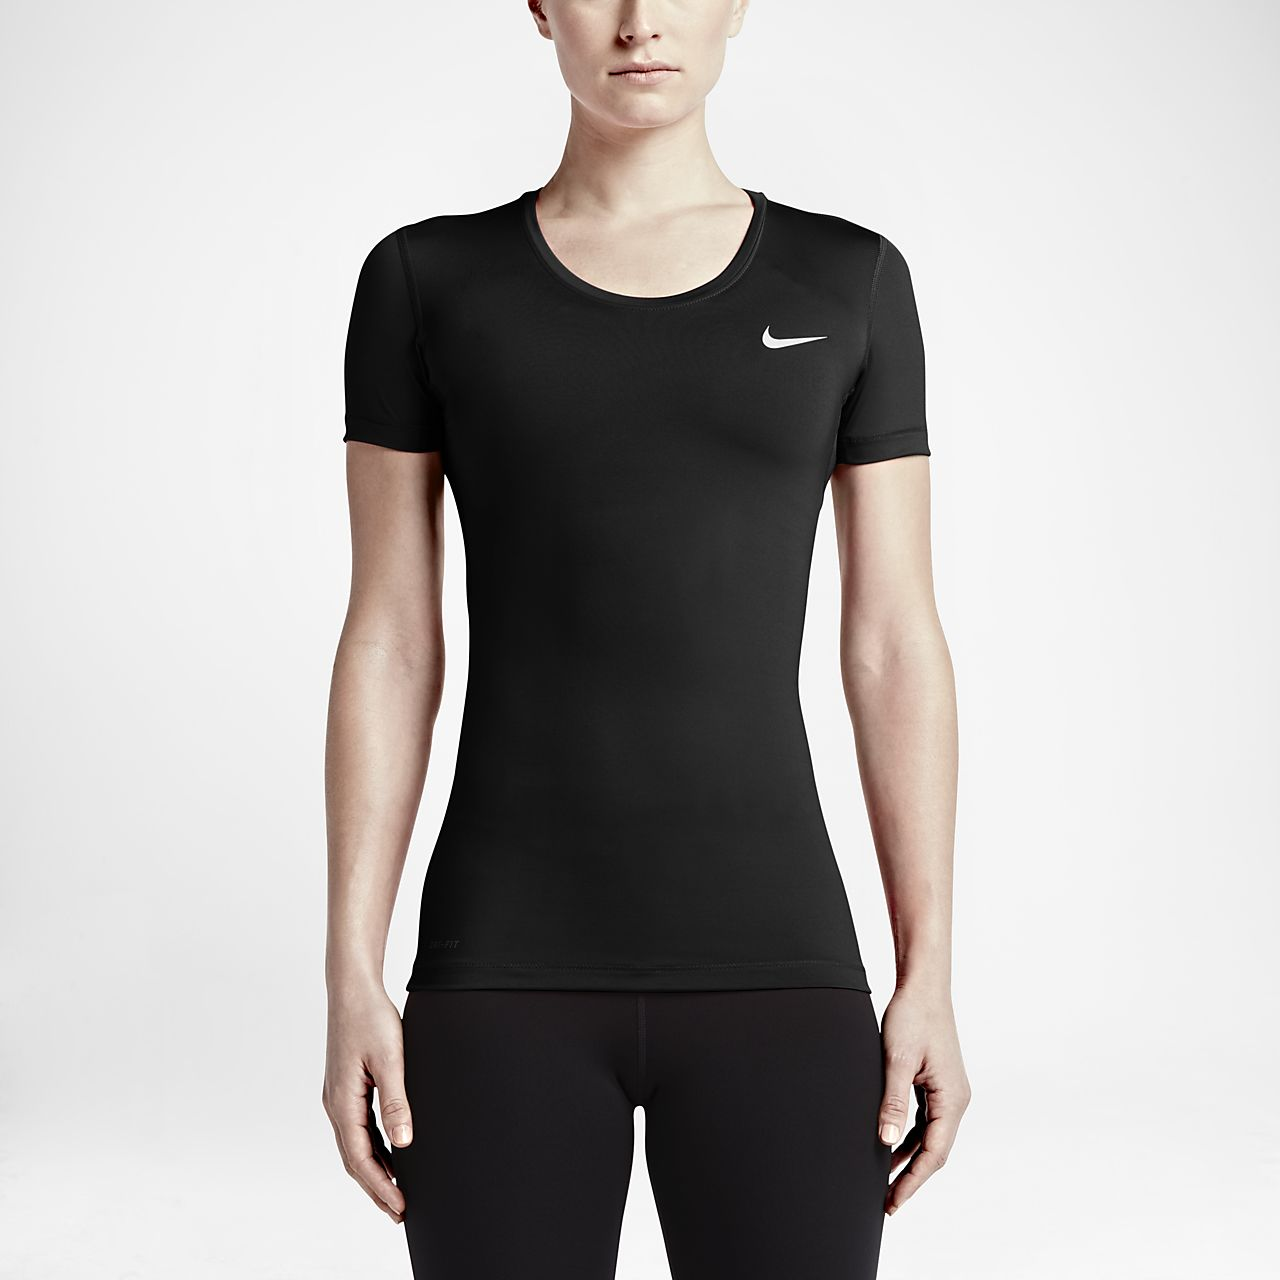 De À Pro Pour Training Nike Haut Manches Courtes Femme bgf7y6Yv